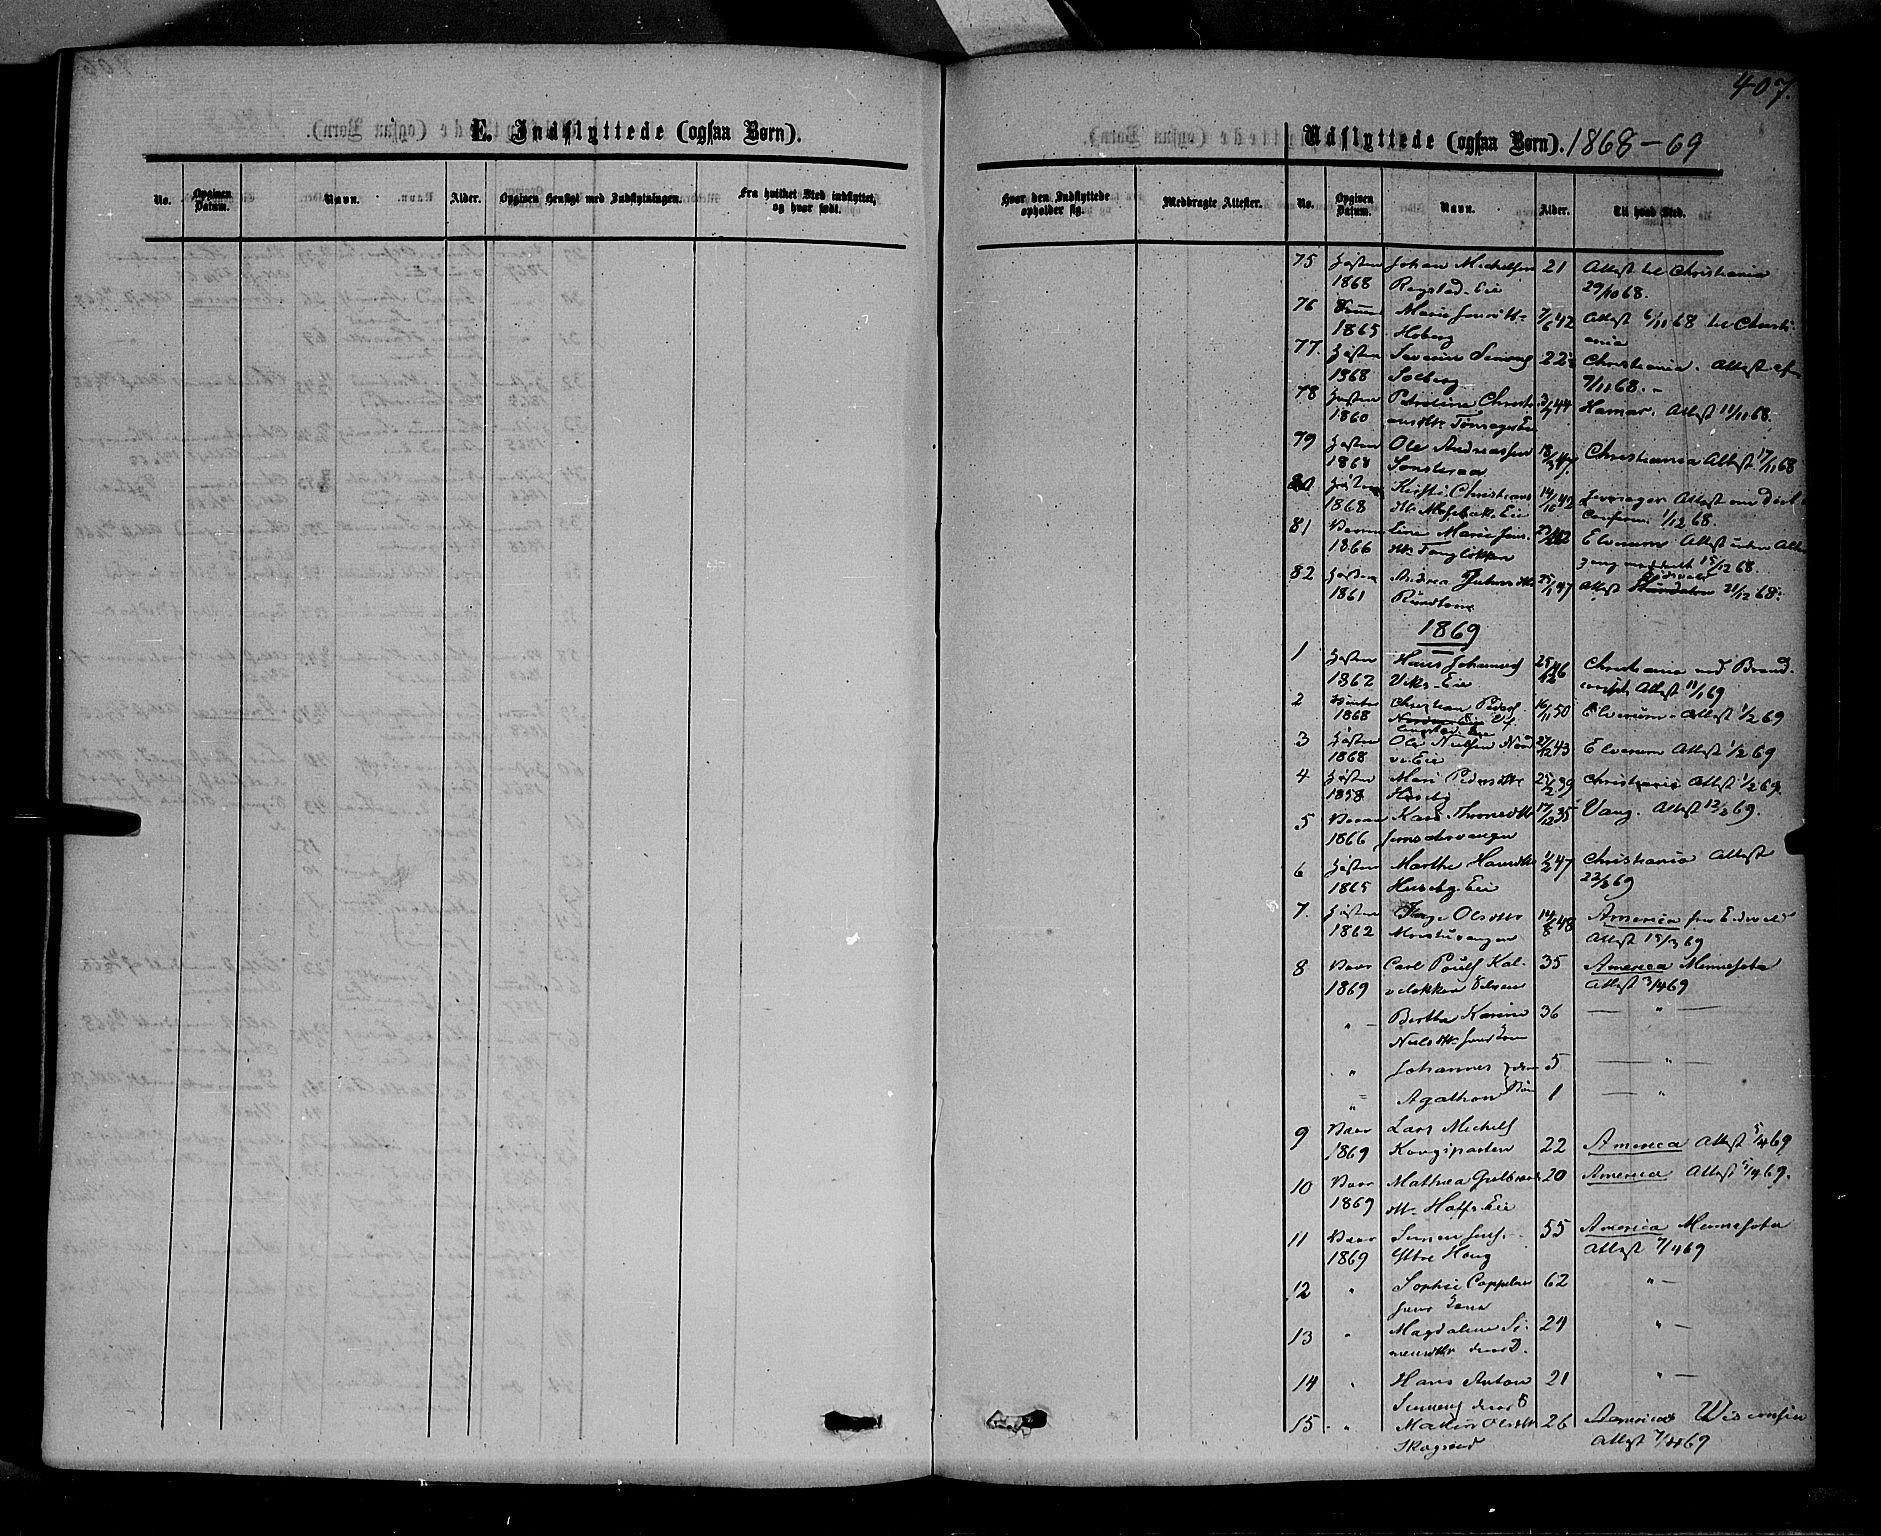 SAH, Stange prestekontor, K/L0013: Parish register (official) no. 13, 1862-1879, p. 407